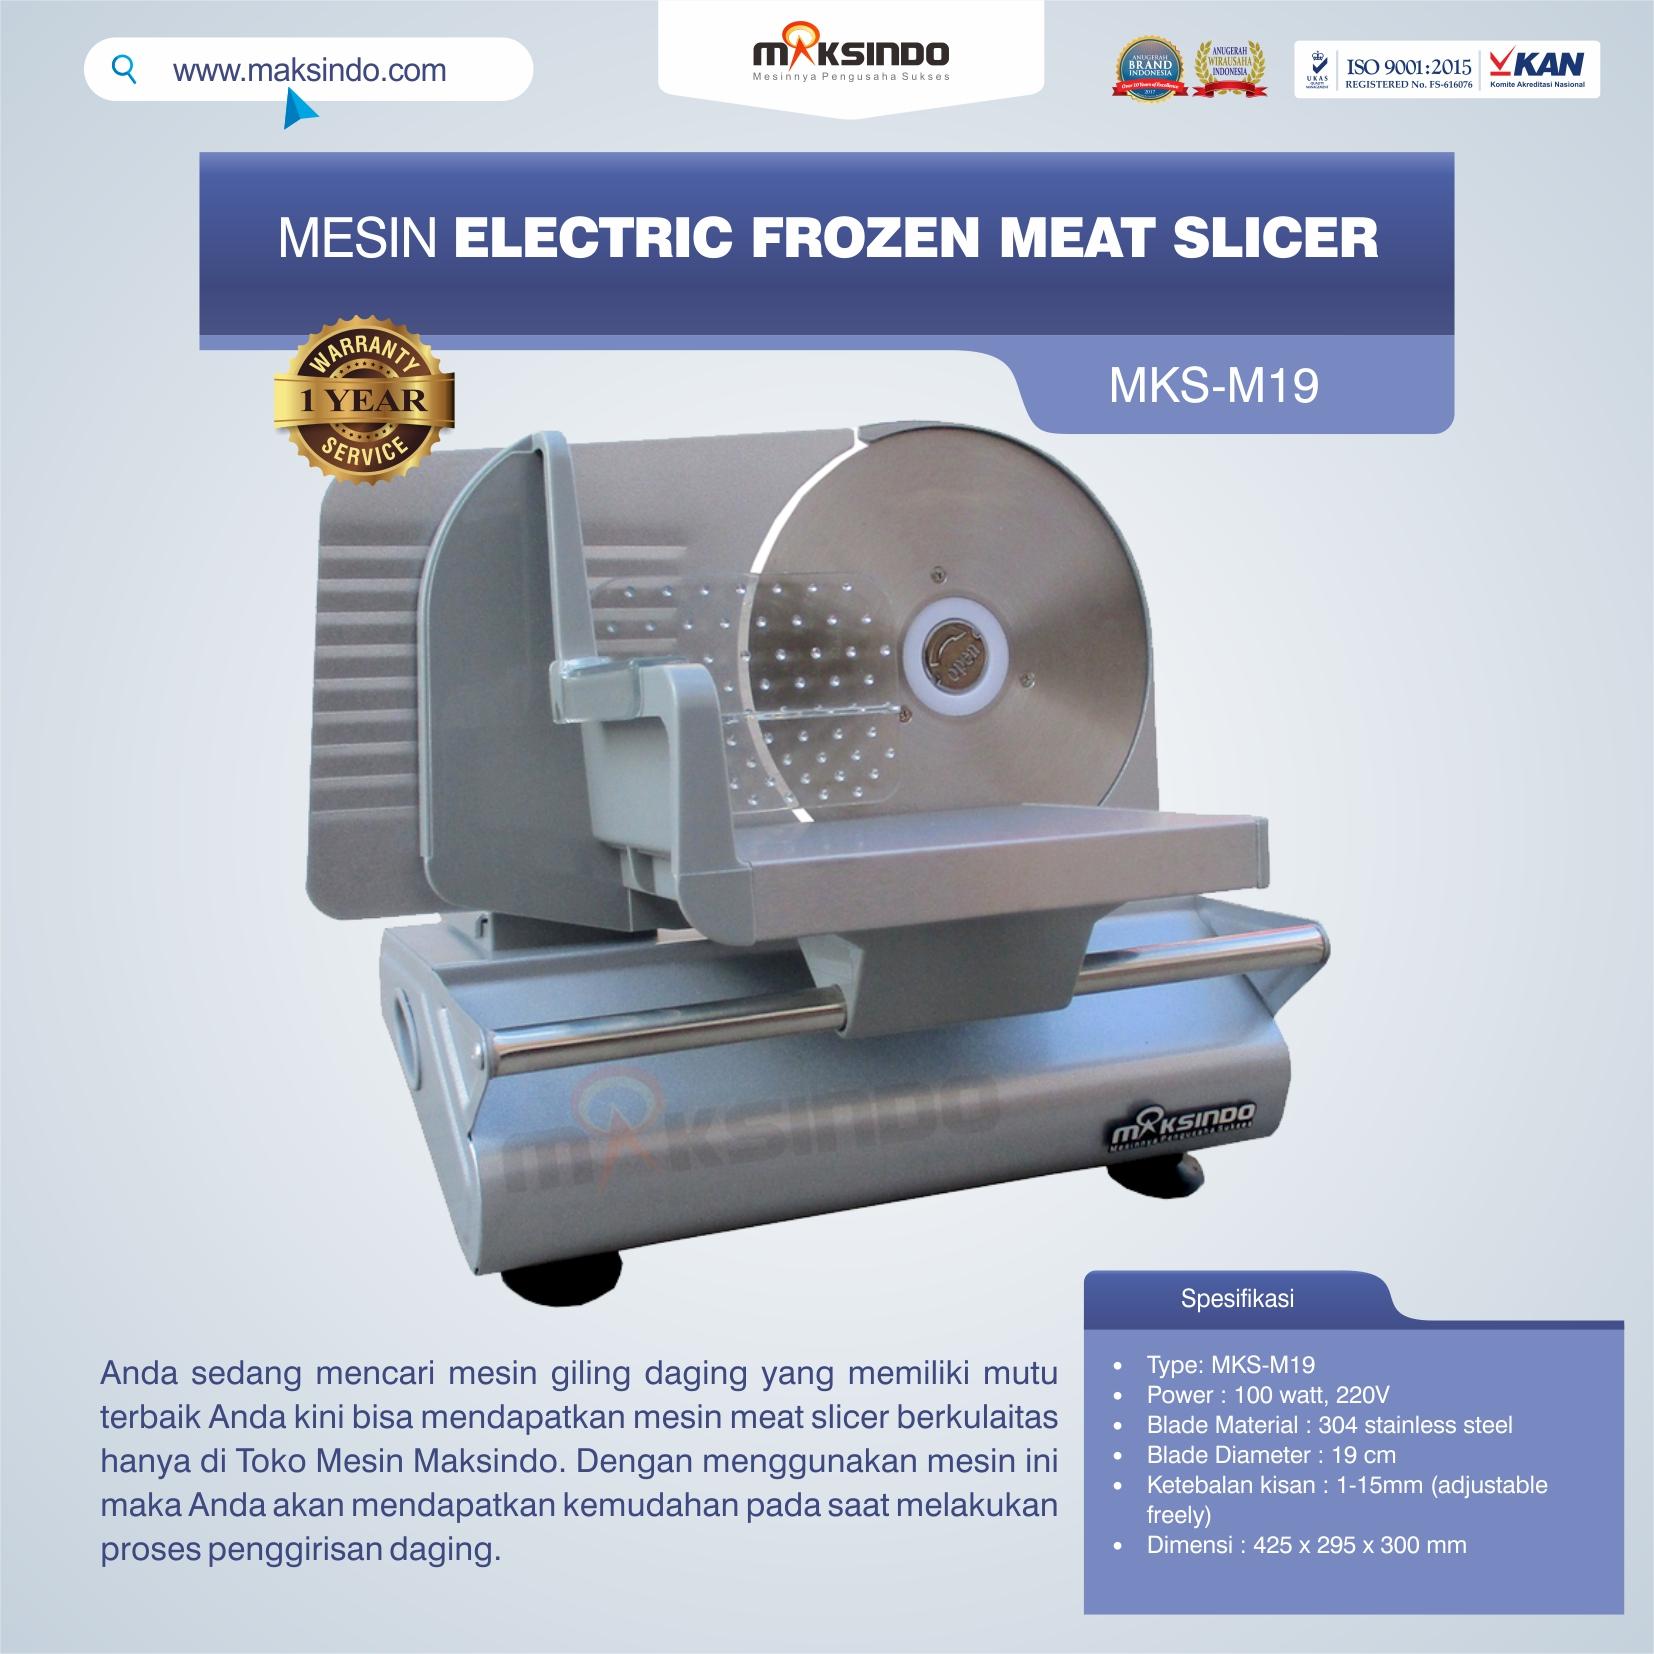 Jual Mesin Electric Frozen Meat Slicer MKS-M19 di Yogyakarta